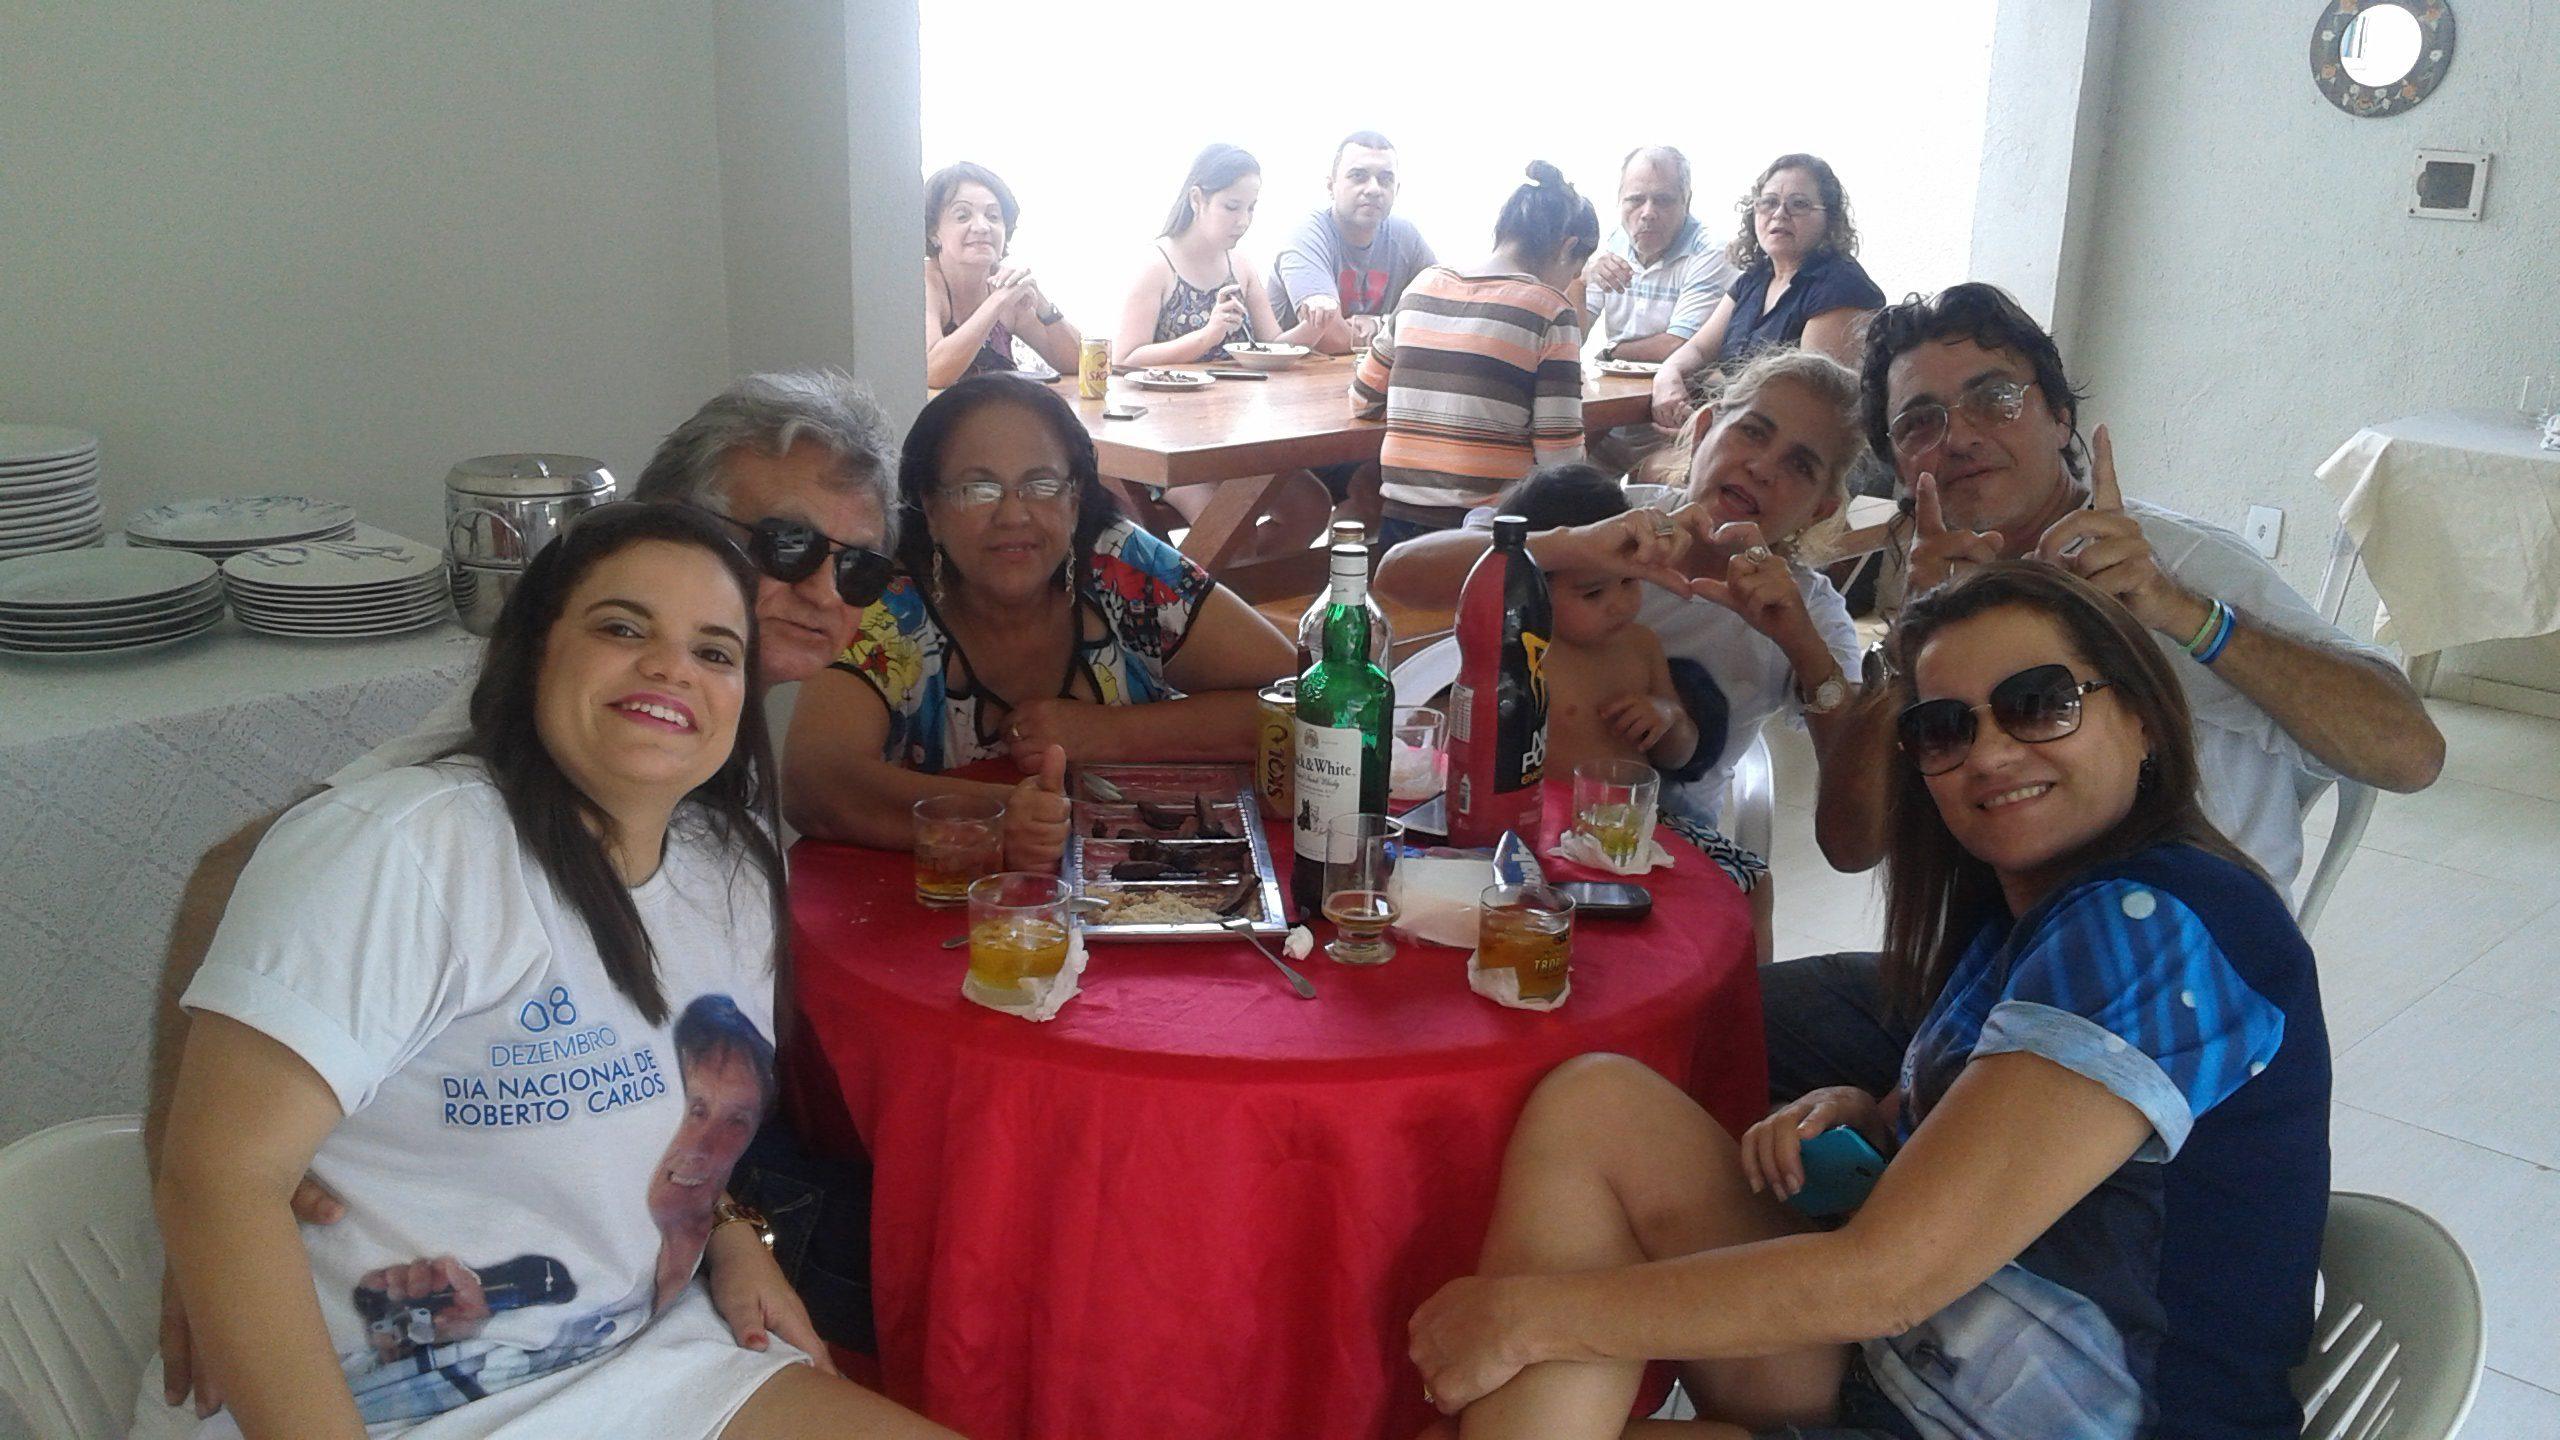 Elaine Cristina Quevedo - Festa em comemoração do Dia do Rei em Fortaleza 20